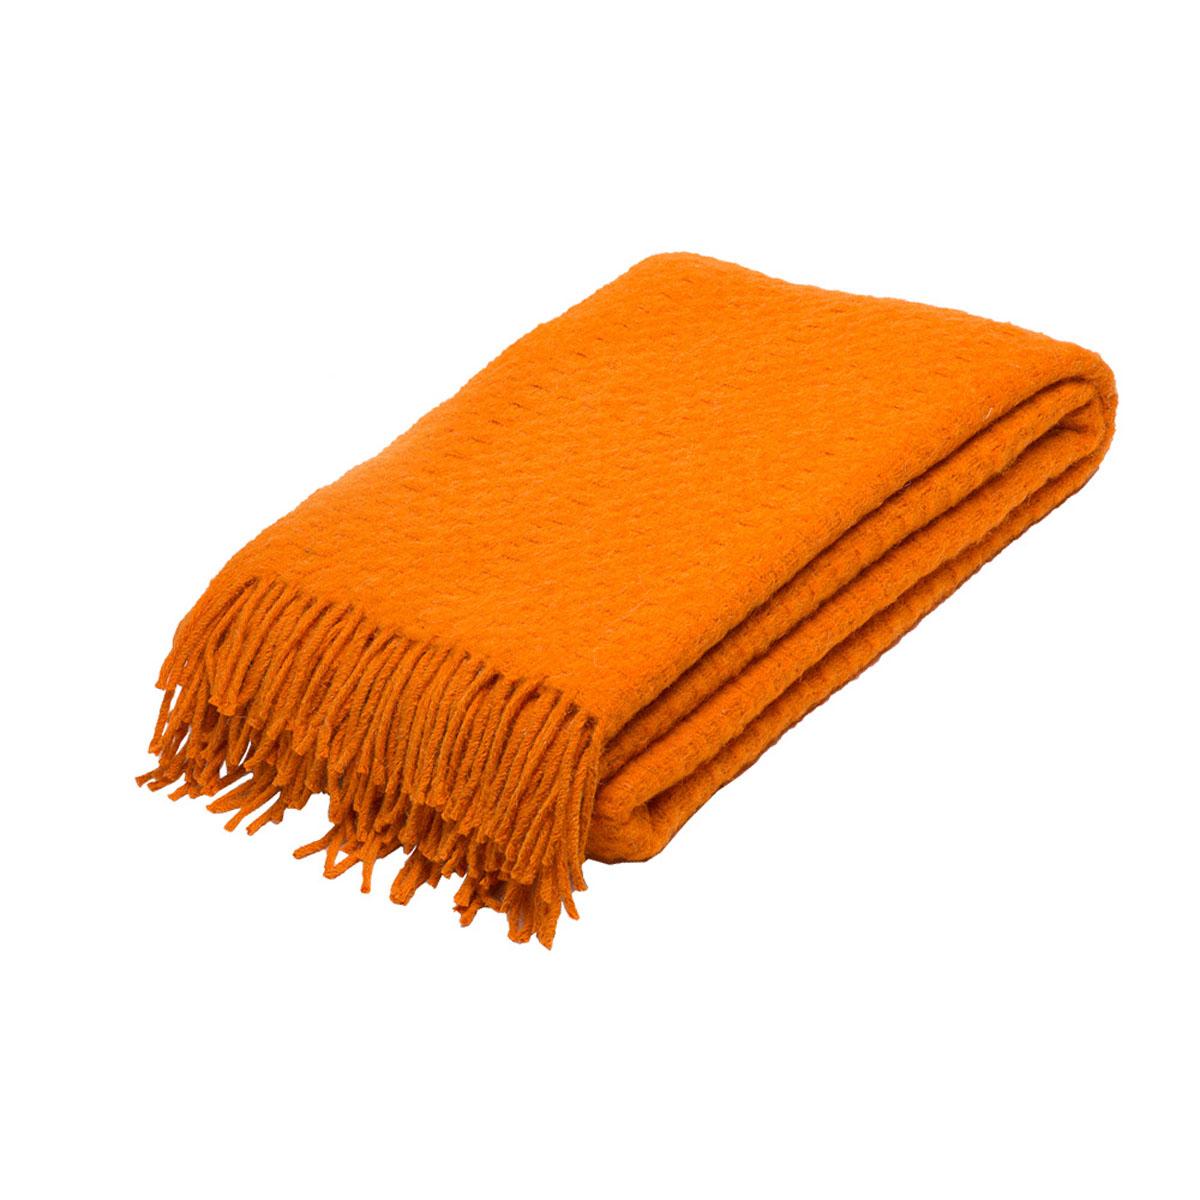 Плед Руно Estivo, цвет: оранжевый, 140 х 200 см. 1-511-140 (68) плед торговый дом руно шотландия 140х200 см 1 281 140 41